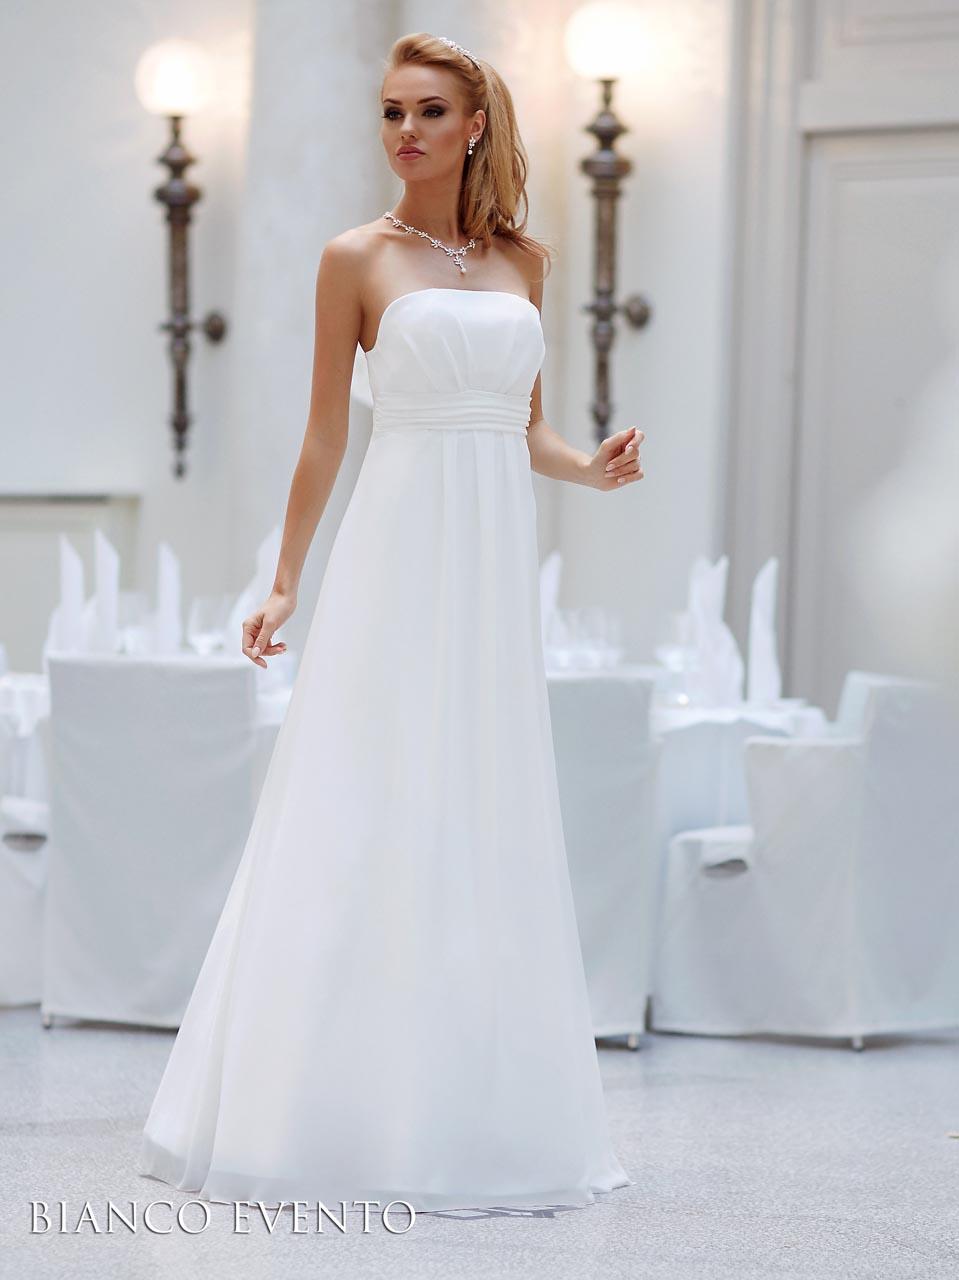 Großzügig Verleih Brautkleider Ideen - Hochzeit Kleid Stile Ideen ...